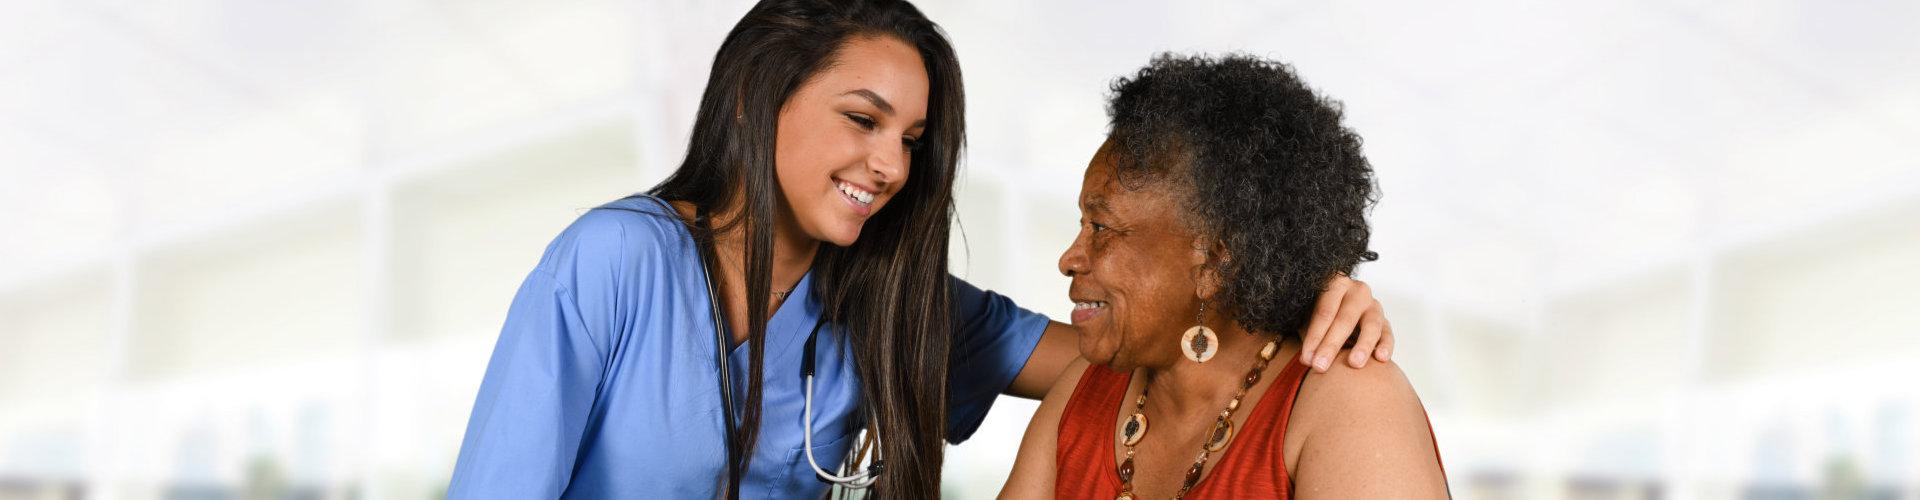 nurse checking her patient